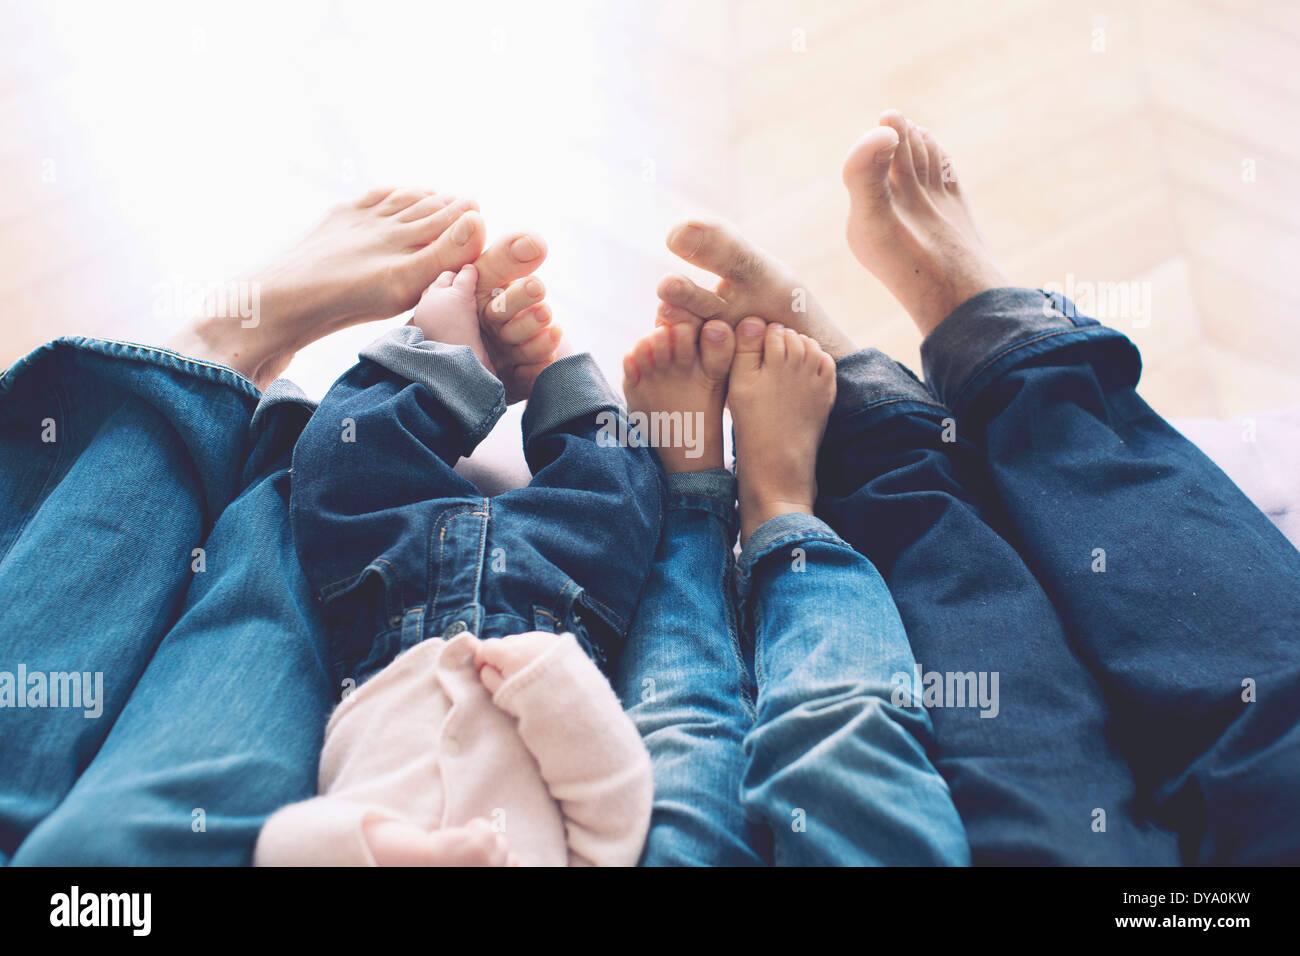 Piernas y barefeet tendida de familia con dos hijos Foto de stock